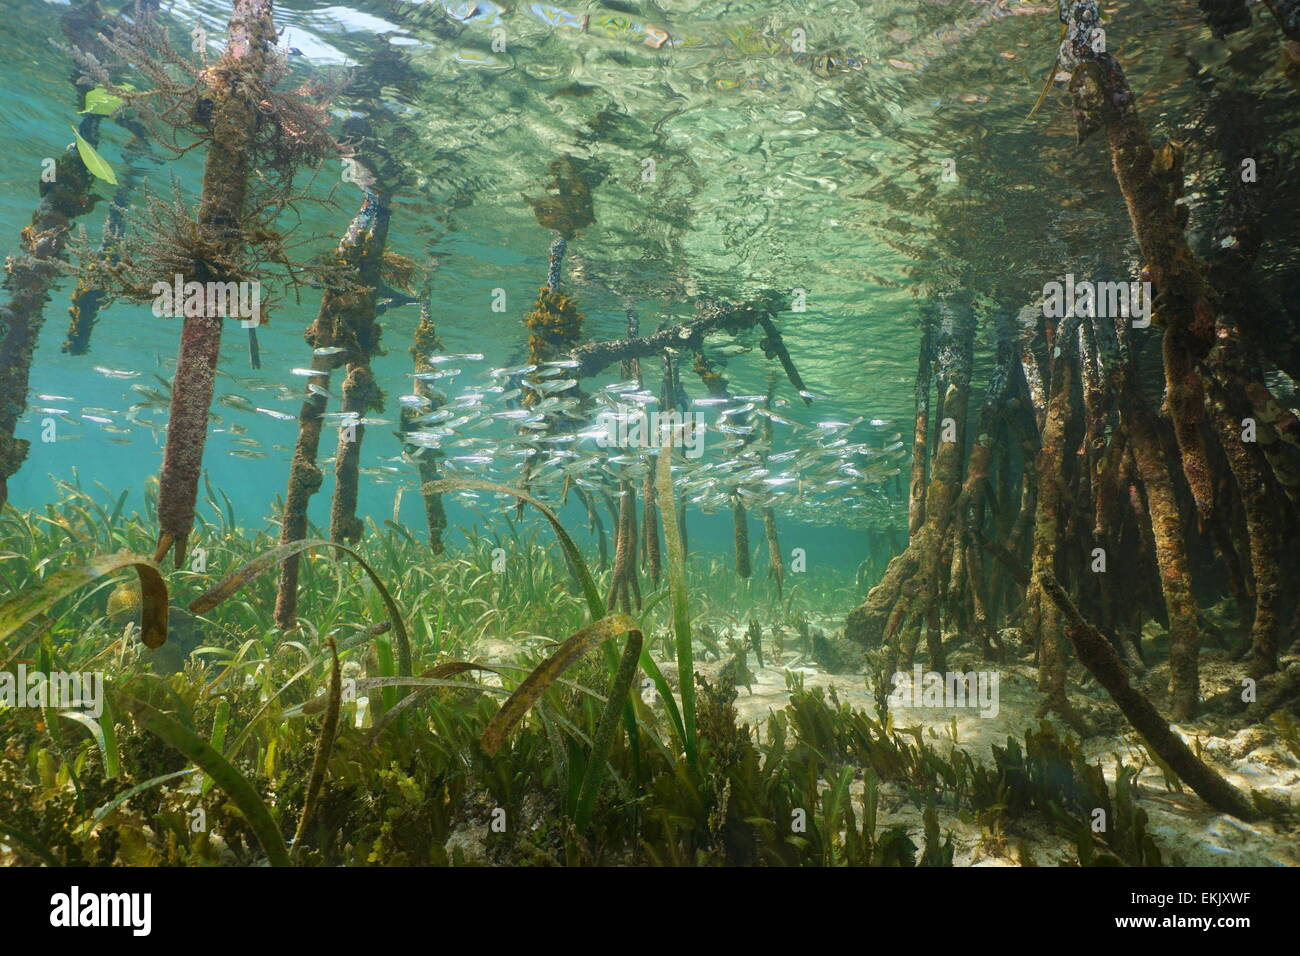 L'écosystème de mangrove sous l'eau avec l'école de juvéniles et les racines des Photo Stock